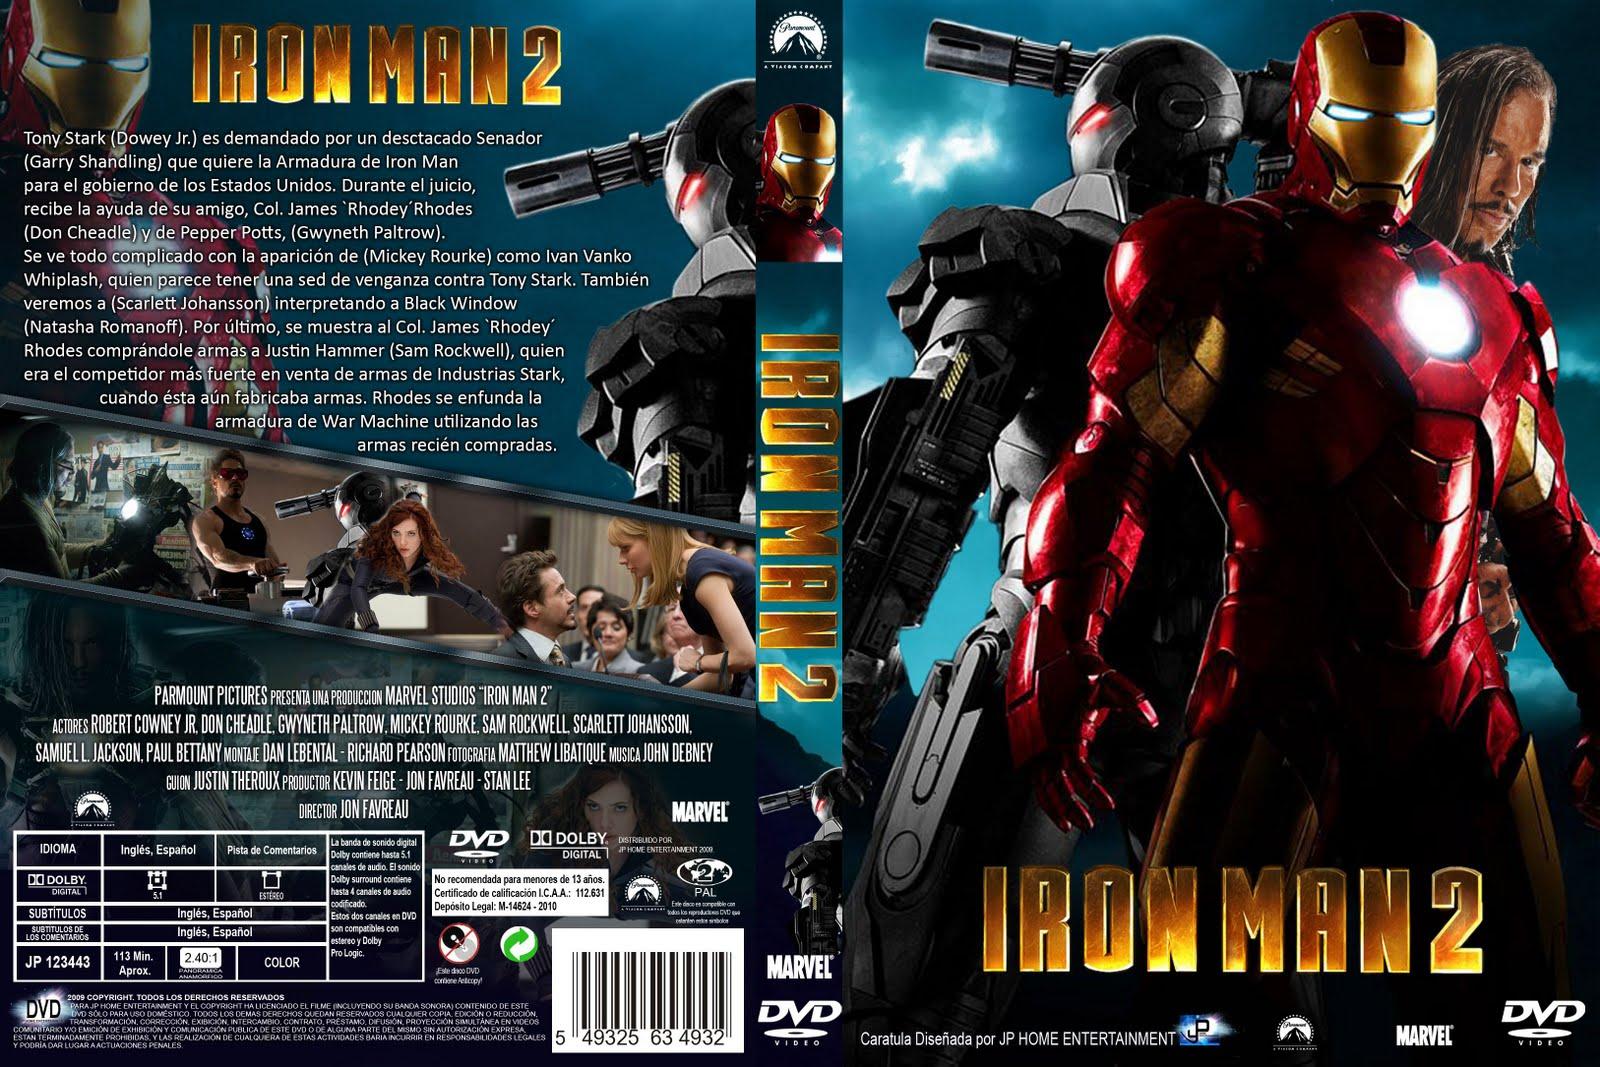 Descargar Iron Man 4 A2zp30: Series De Televisión Y Peliculas: Iron Man 2 [2010][Latino